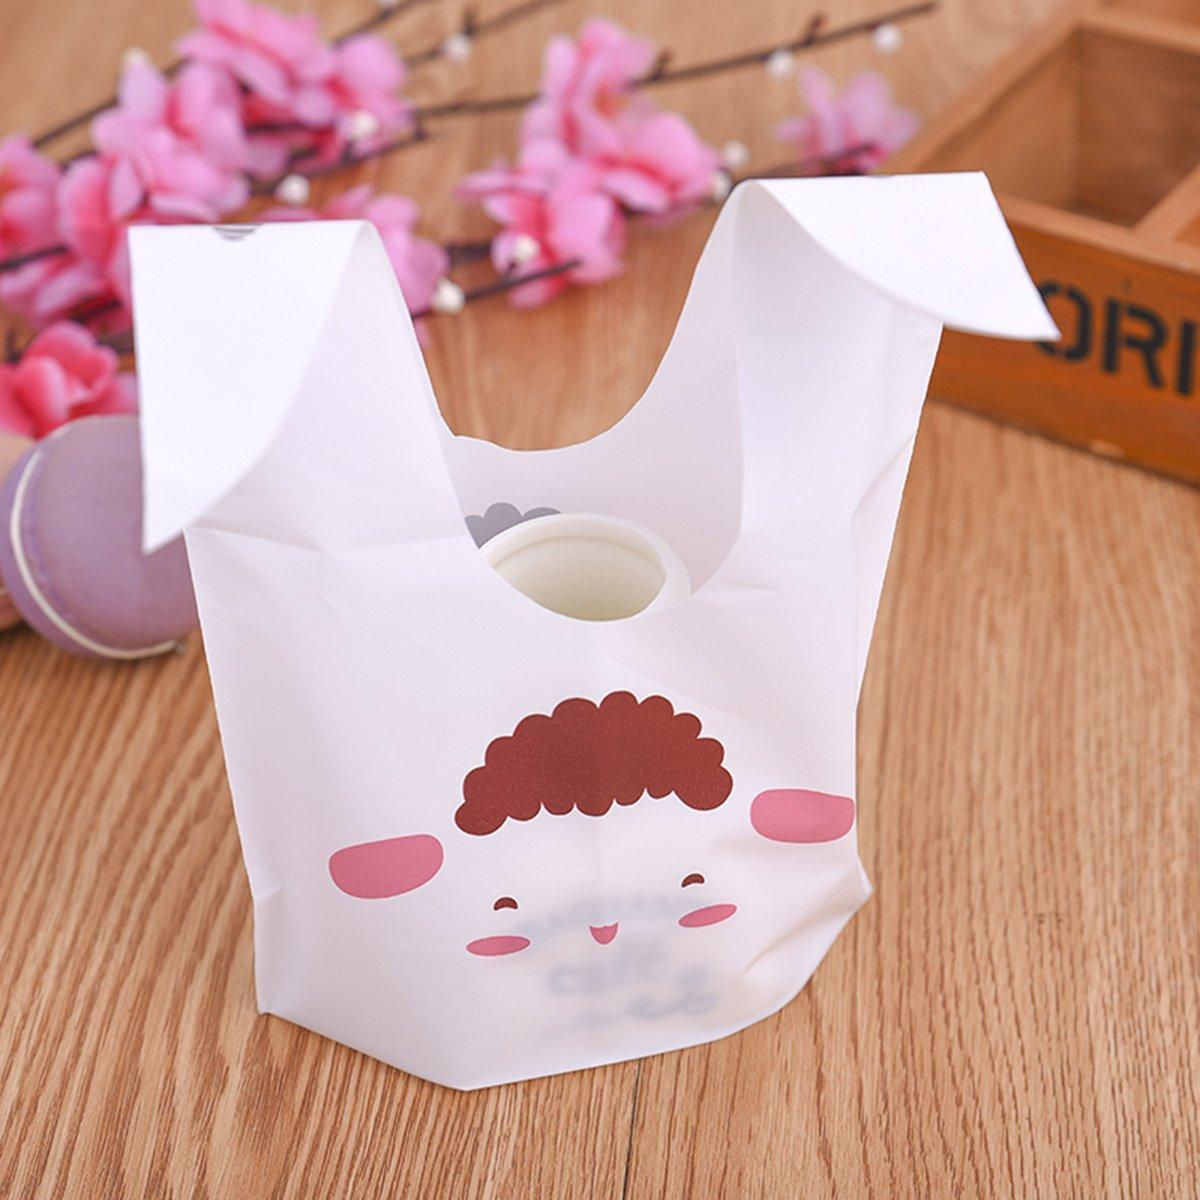 Ndier Sacs de Bonbons 90pcs Sac Cadeaux Biscuit Candy Bags avec d\'oreilles de lapin, sac de casse-croûte pour la fête, anniversaire, la nouvelle année